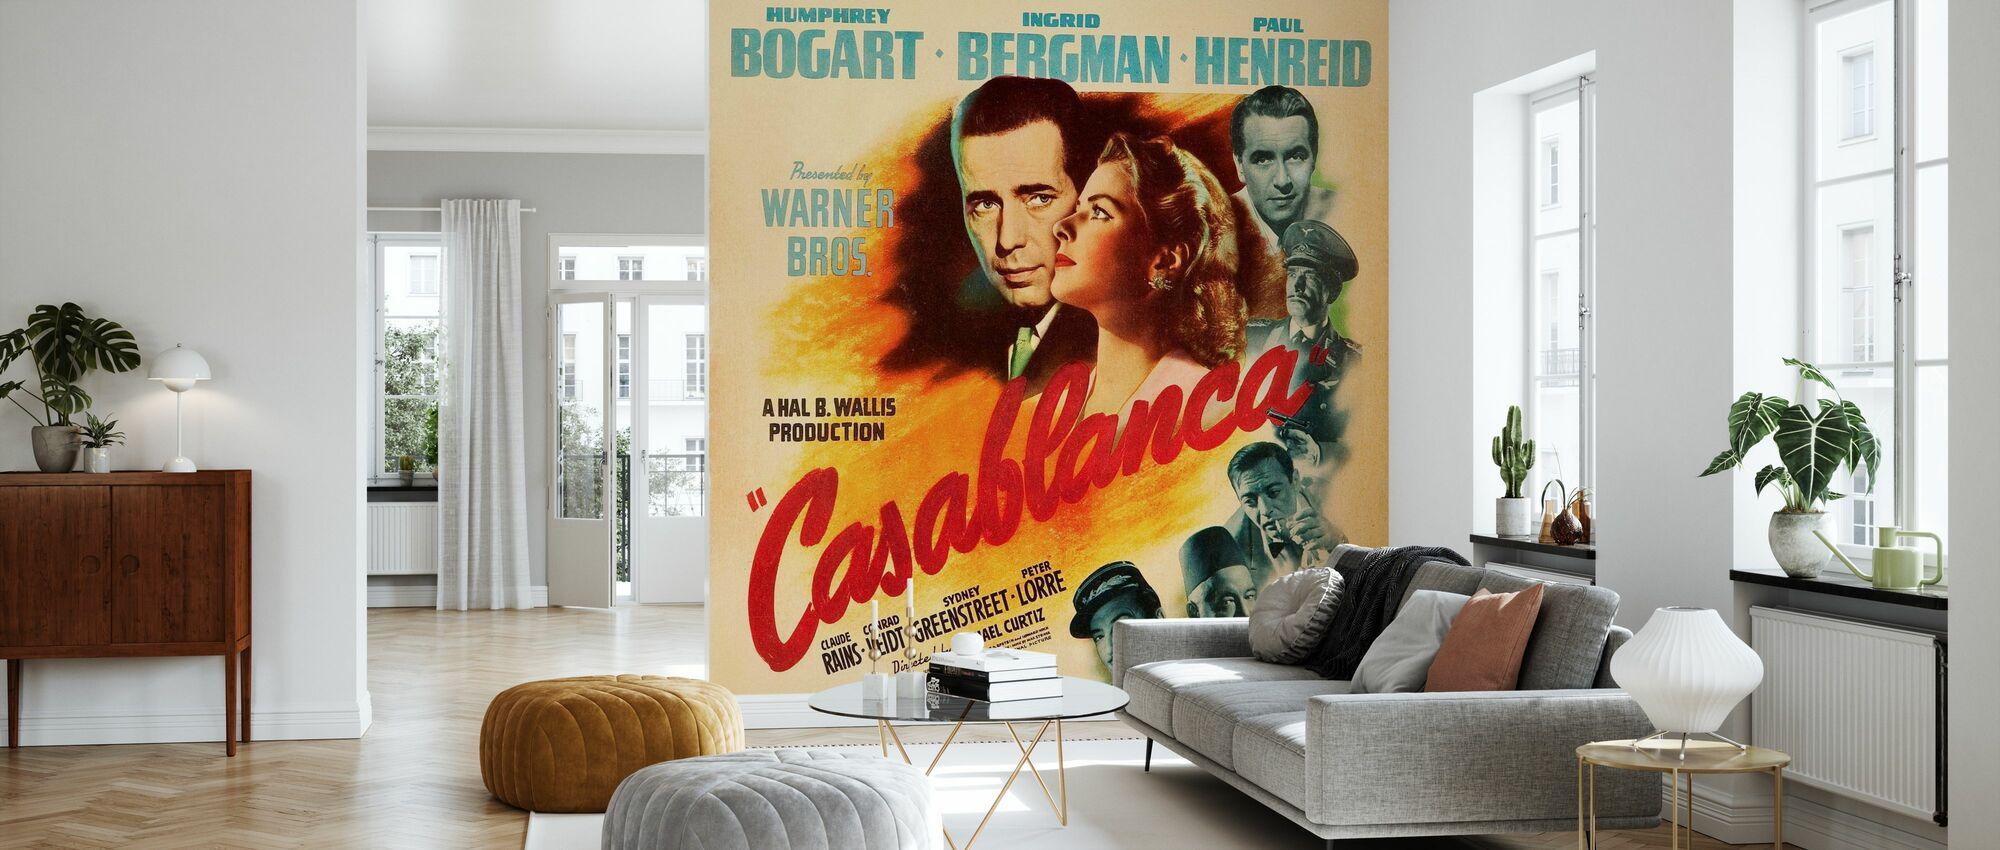 Movie Poster Casablanca - Wallpaper - Living Room